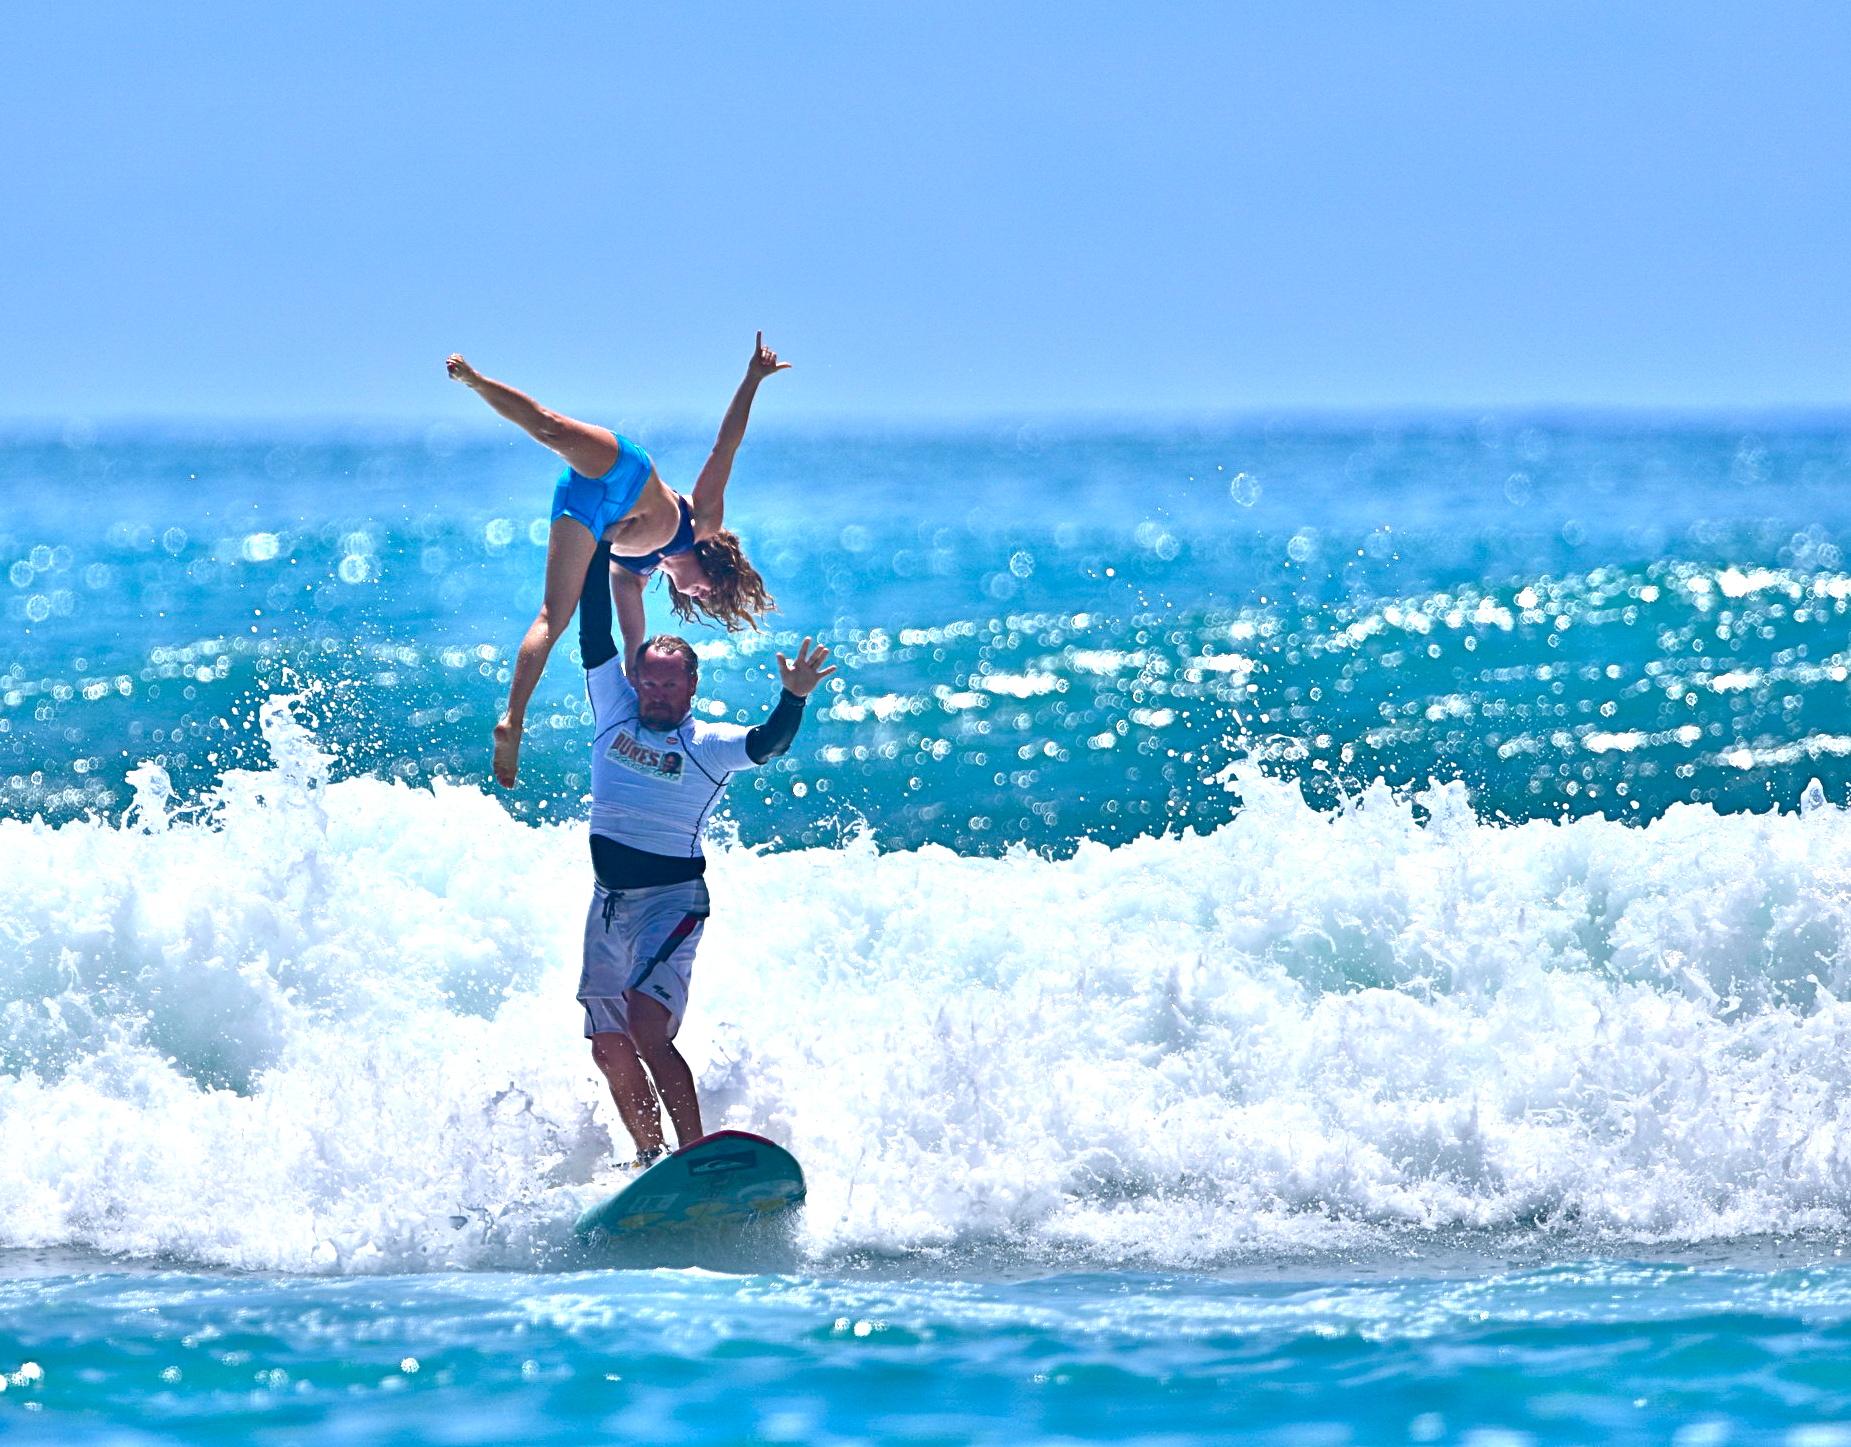 lướt sóng đôi môn thể thao hấp dẫn ở hawaii - elleman 2